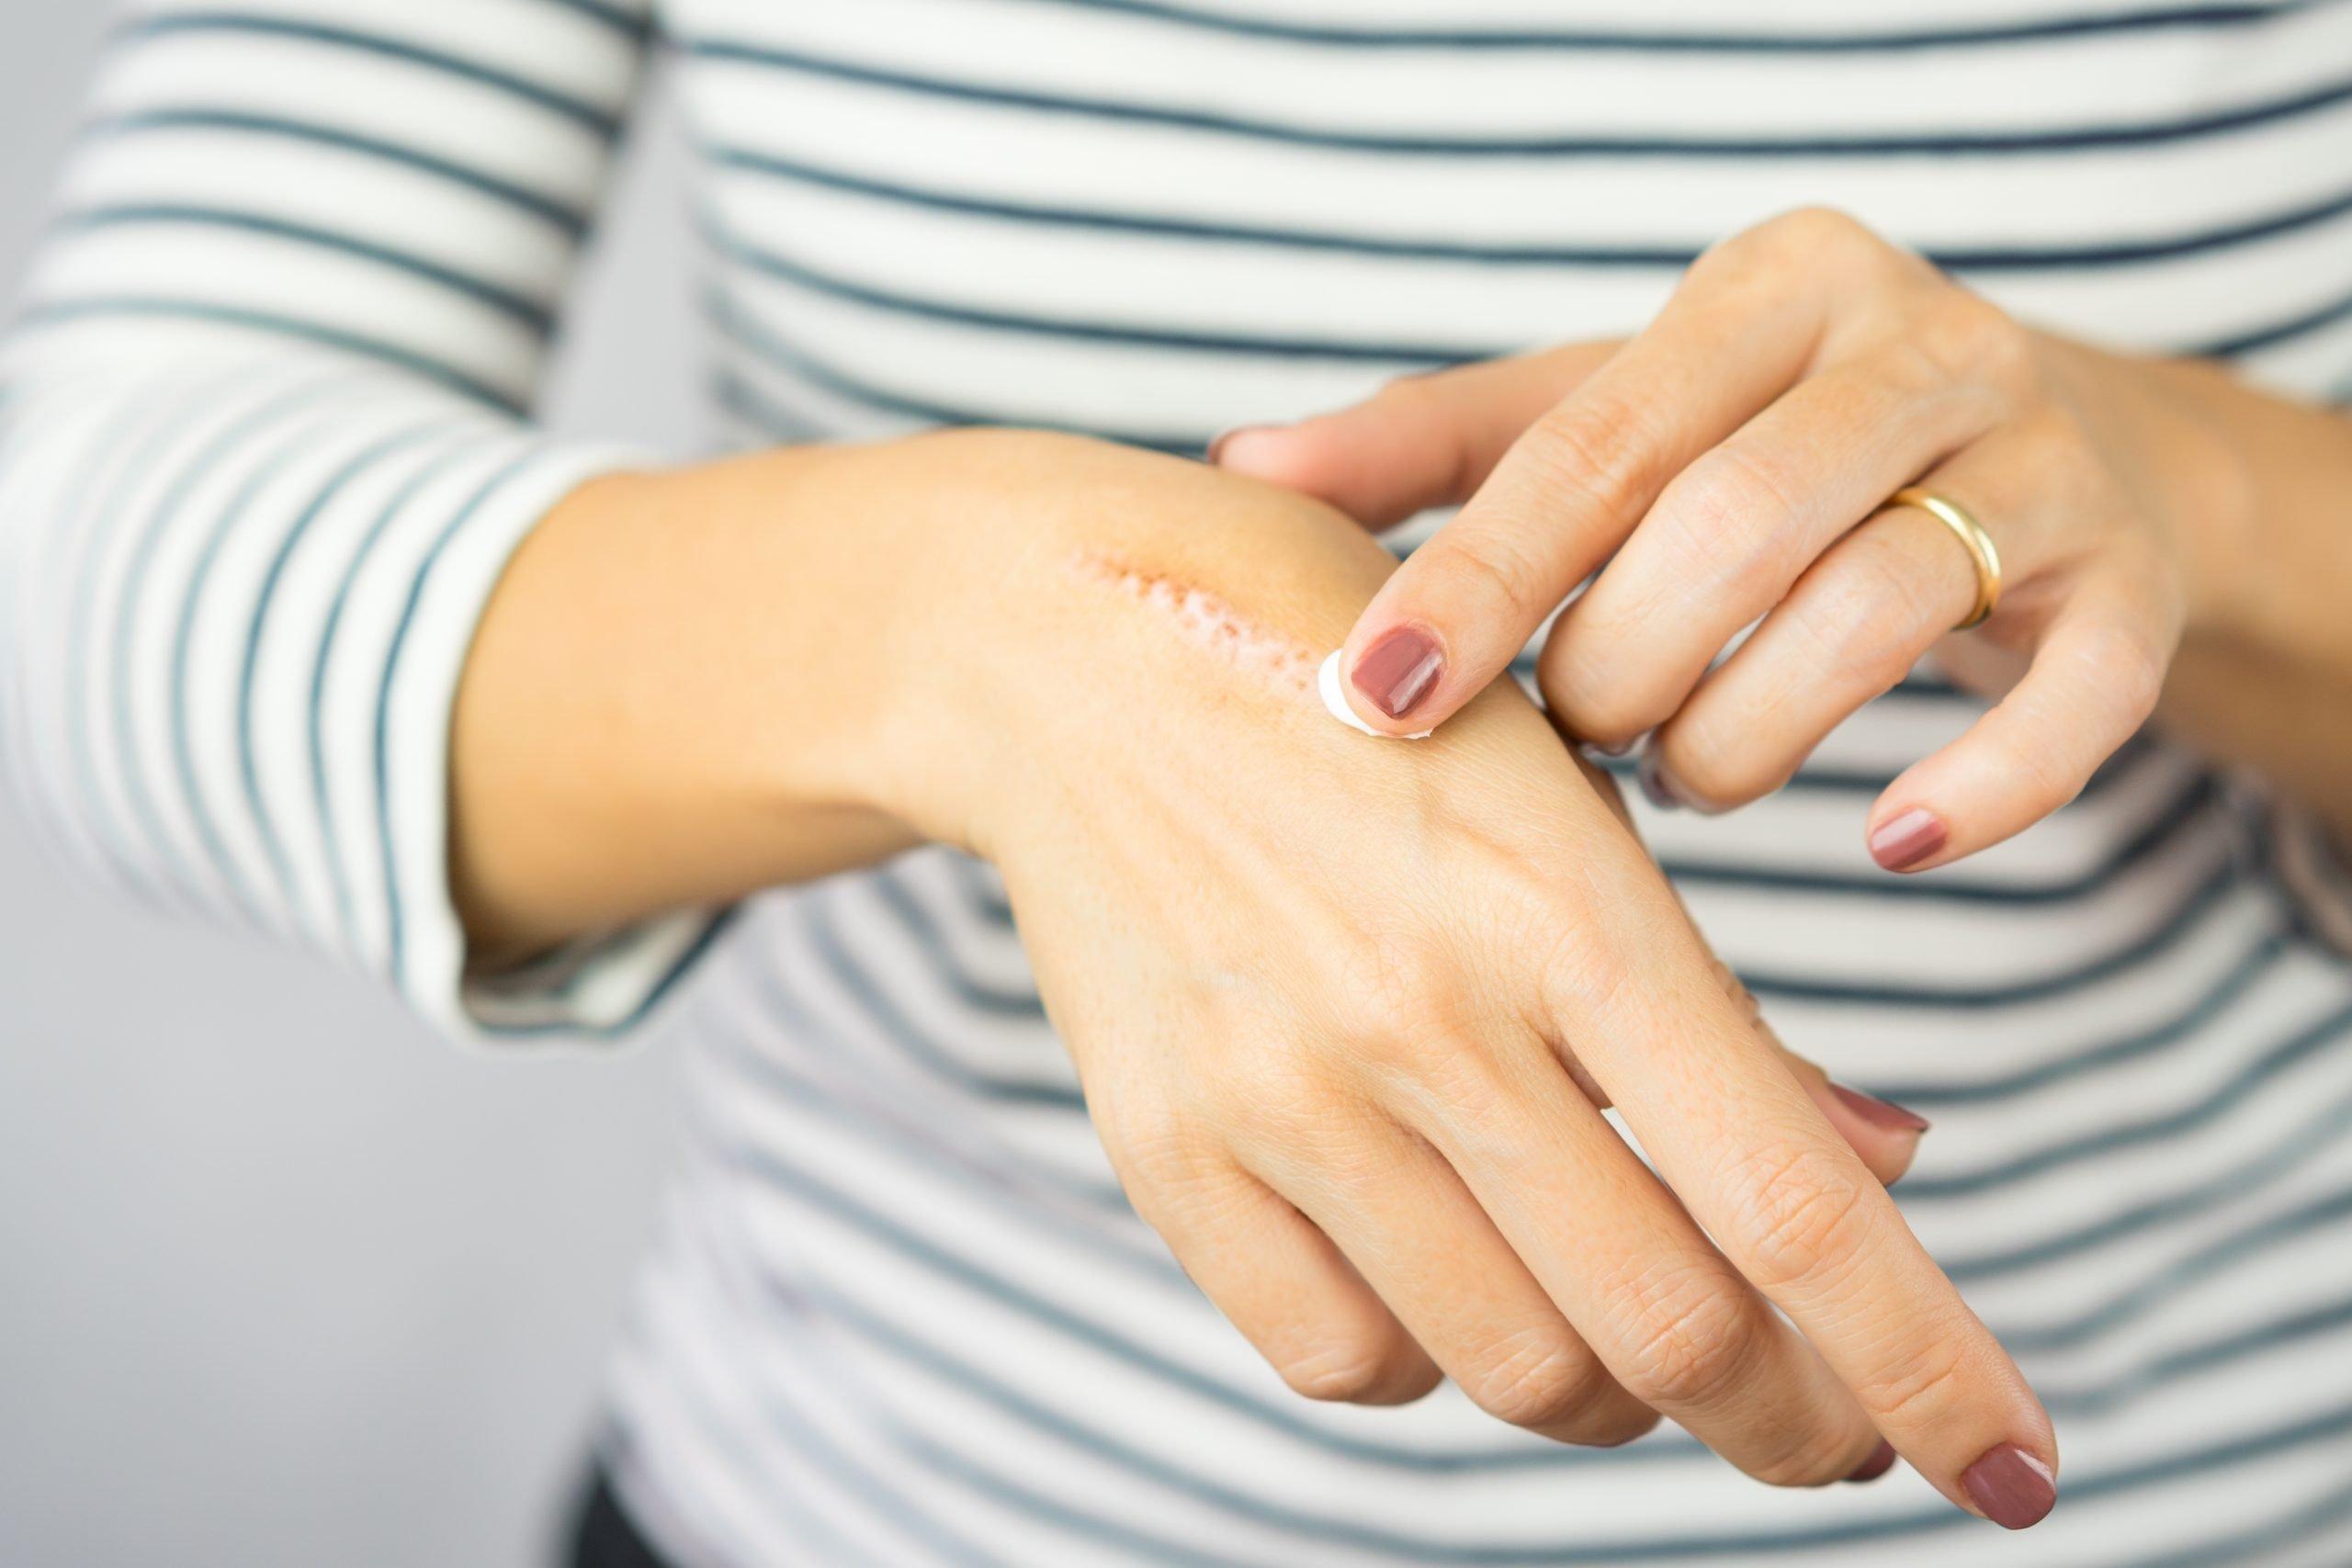 Co używać na blizny na rękach. Co dobre na blizny, co działa zmniejszy widoczność blizny. Contractubex